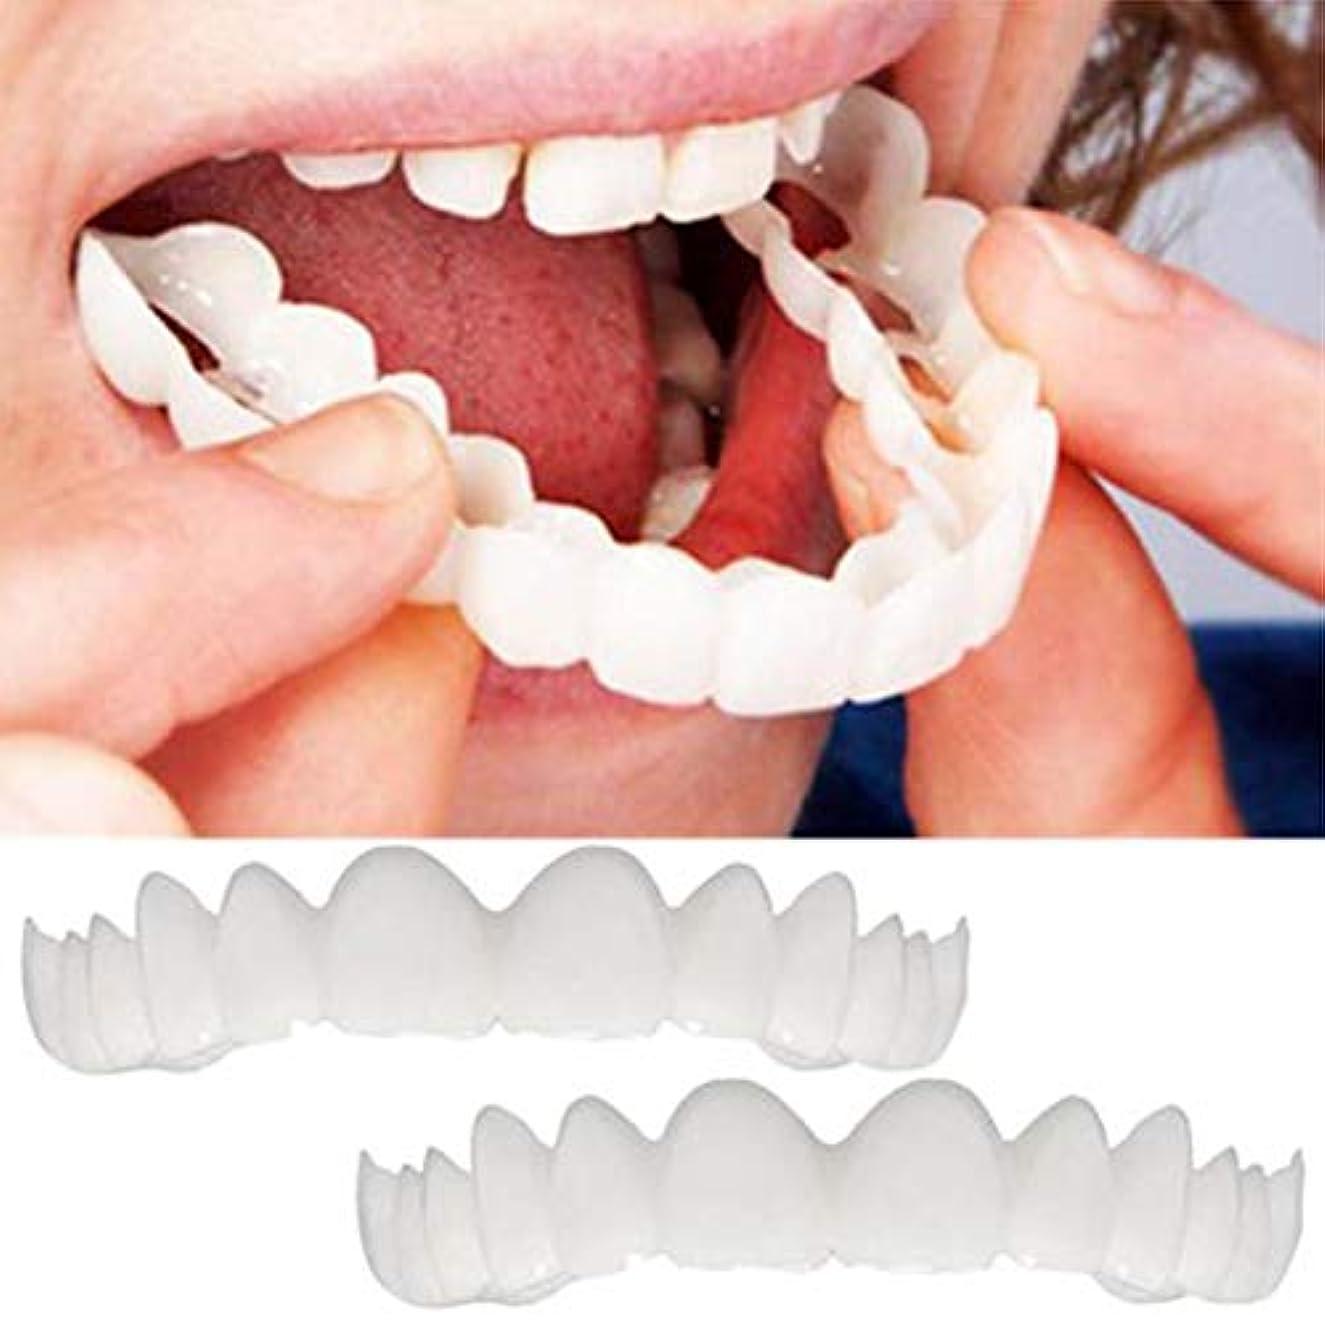 醸造所粘り強い生態学化粧品の歯、白い歯をきれいにするための快適なフィットフレックス歯のソケット、超快適、快適なフィット感、2セット